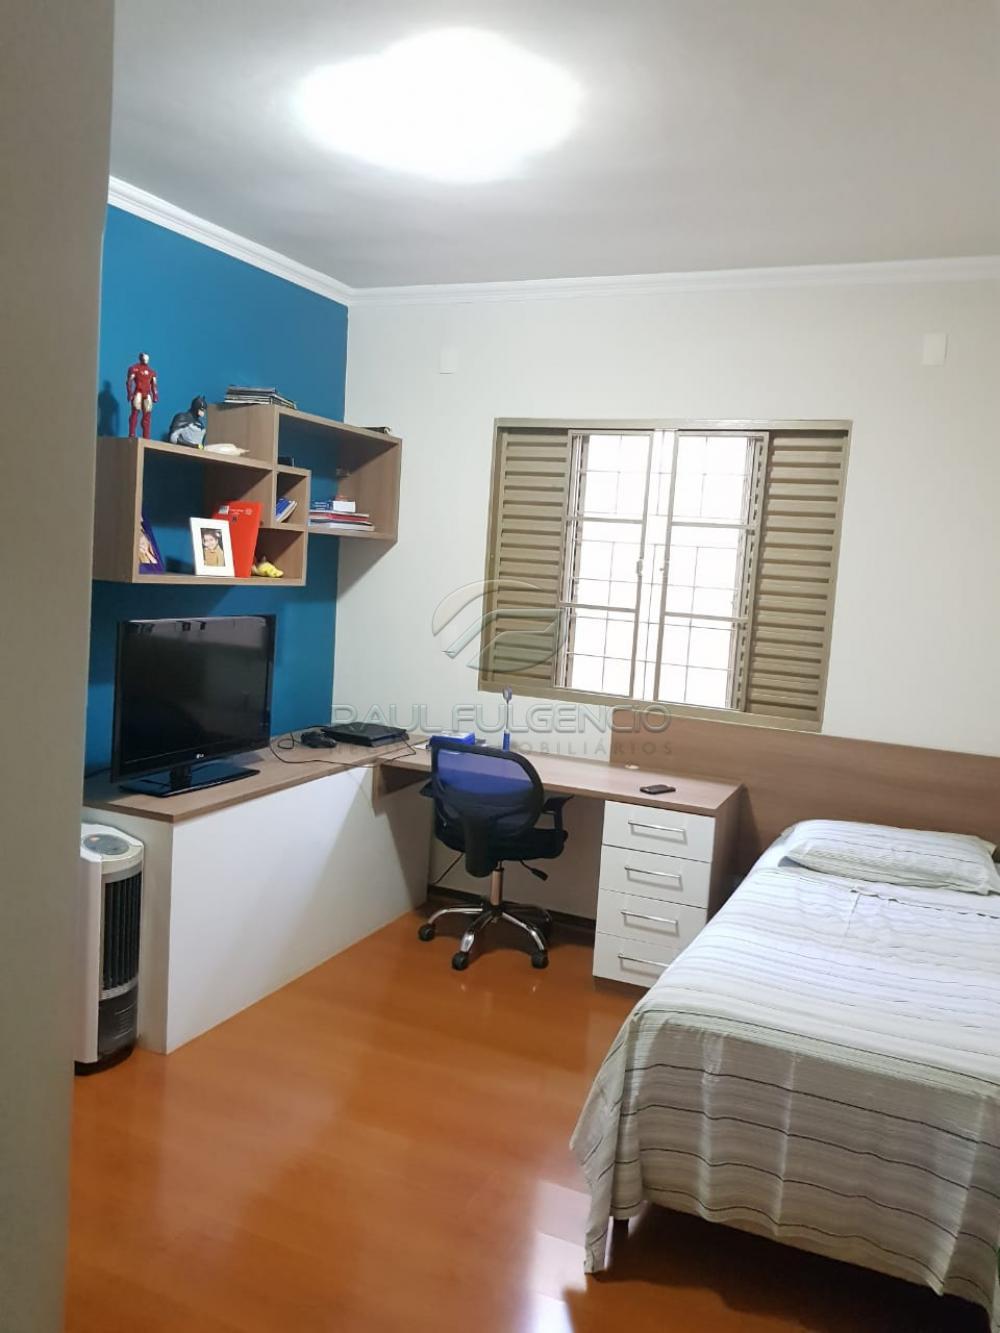 Comprar Casa / Térrea em Londrina apenas R$ 595.000,00 - Foto 15